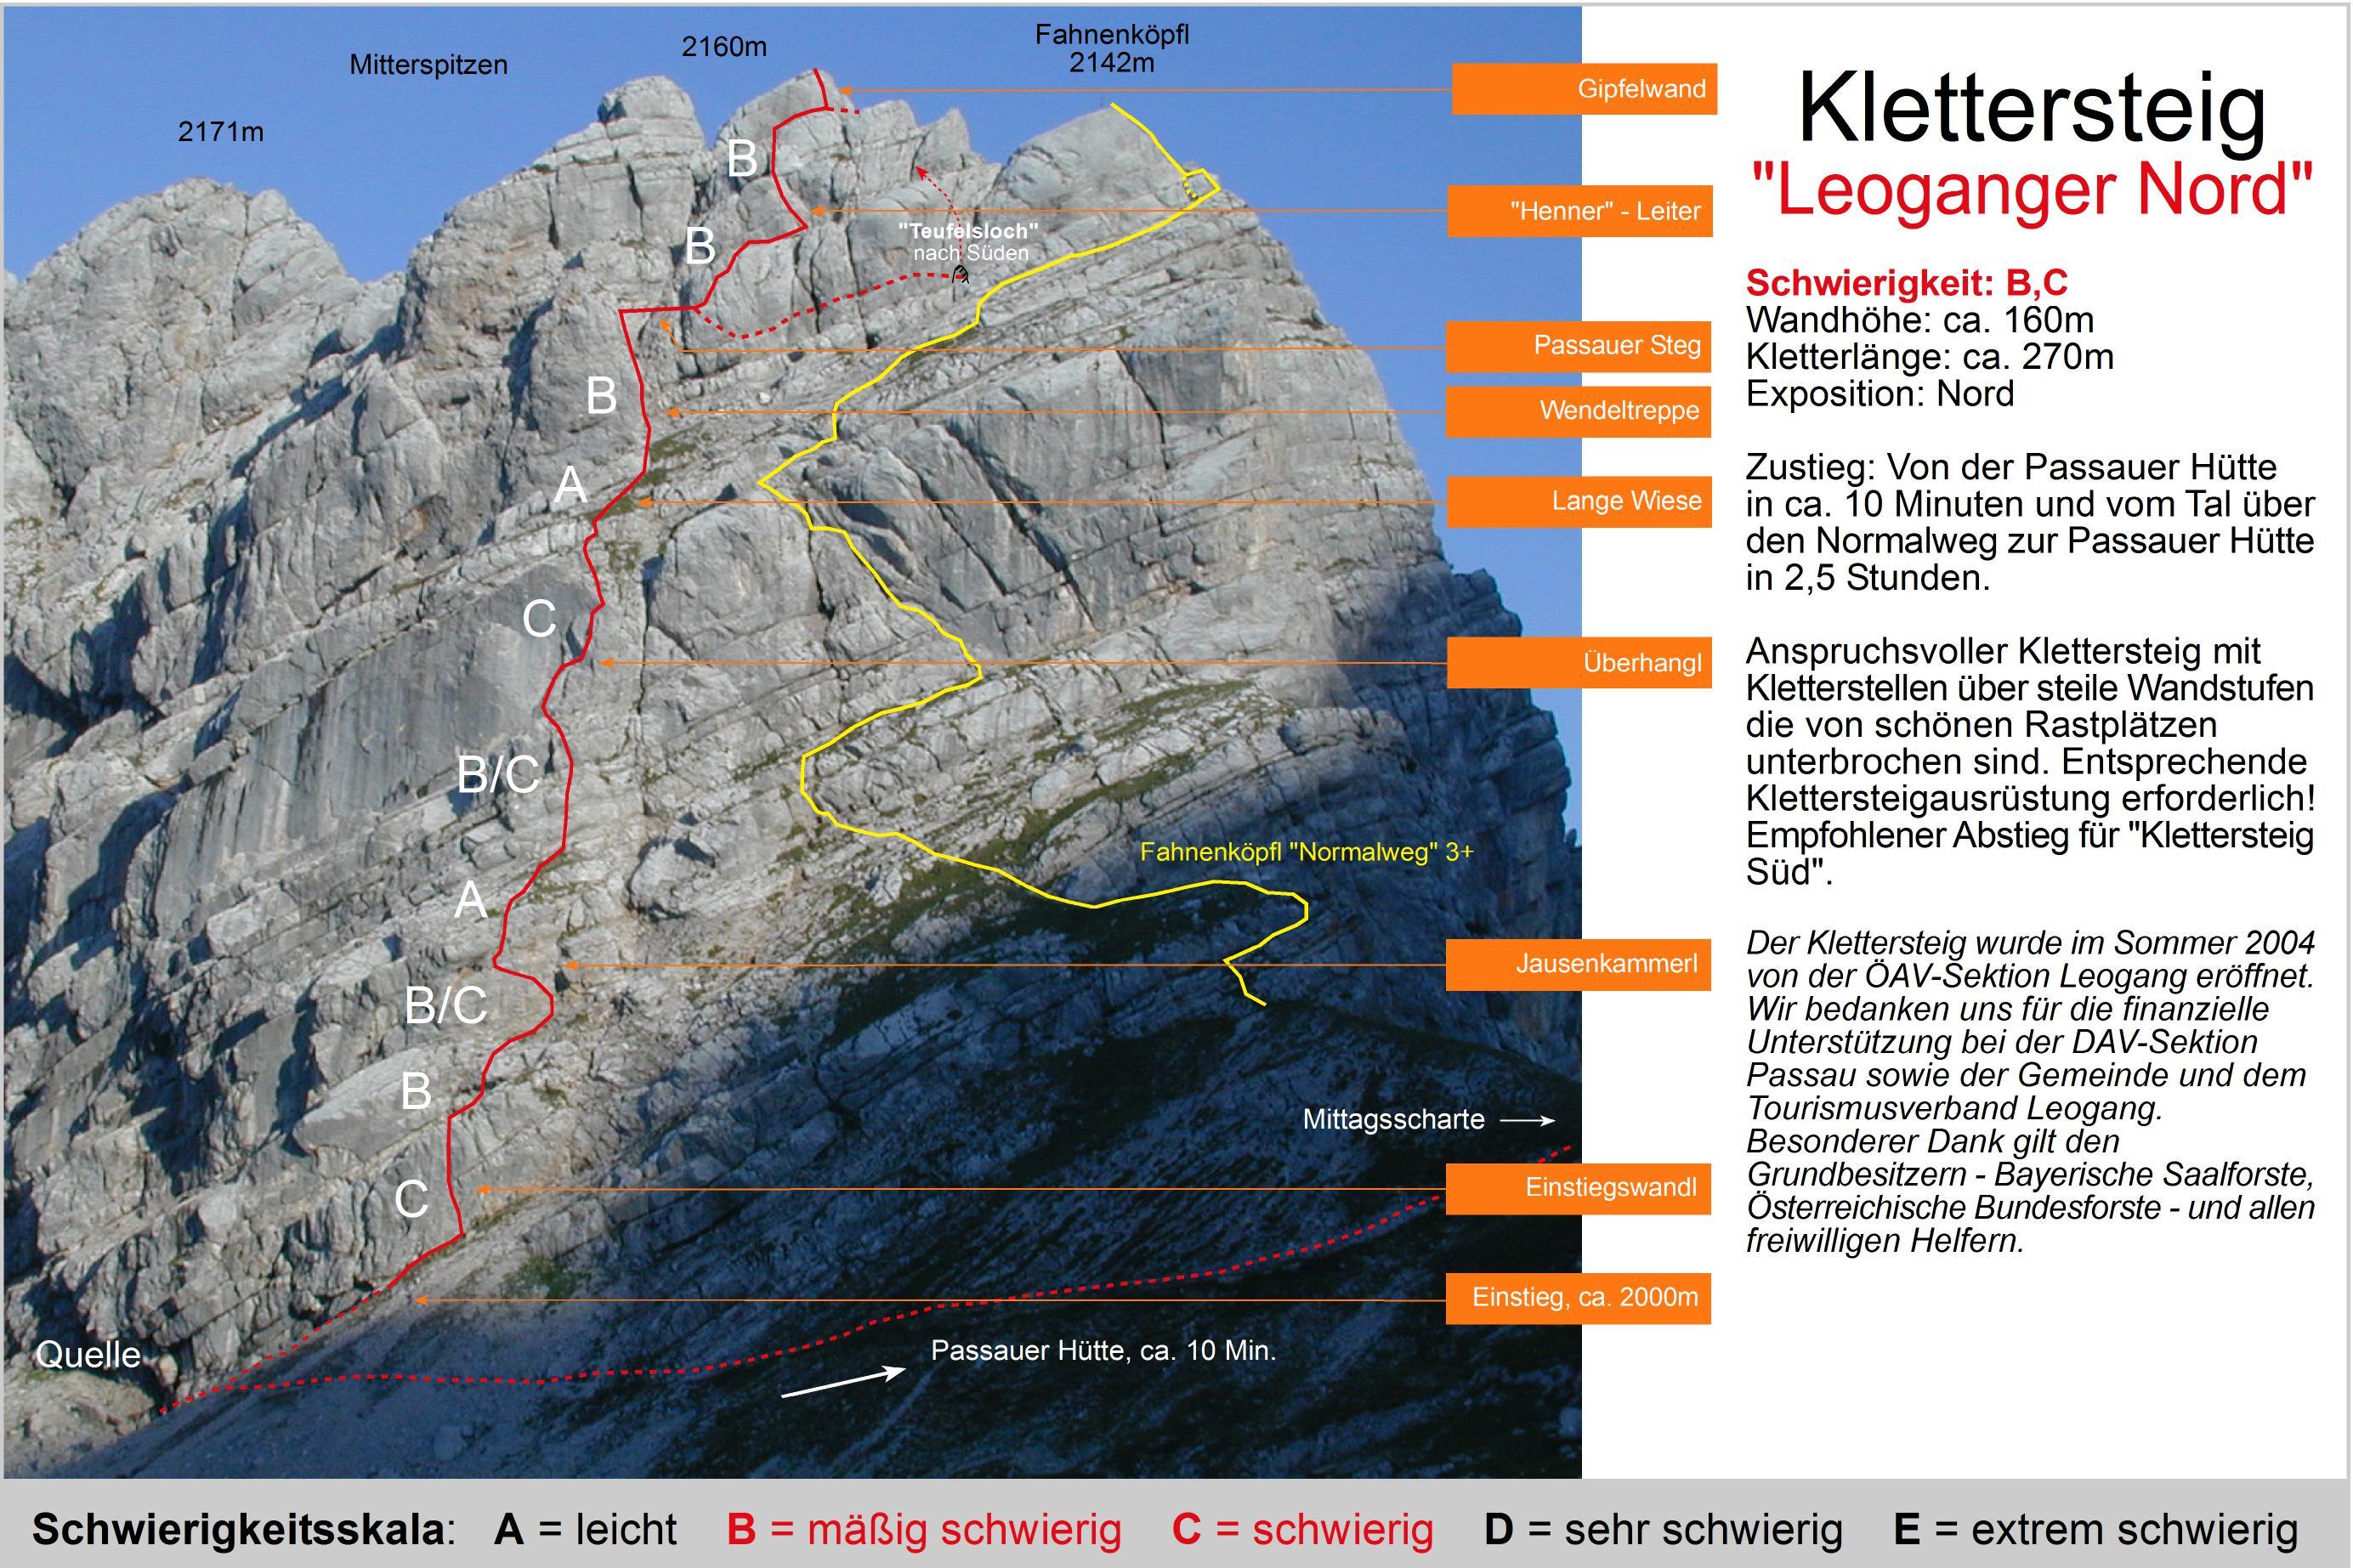 Klettersteig Map : Leoganger nord mitterspitze klettersteige steinberge